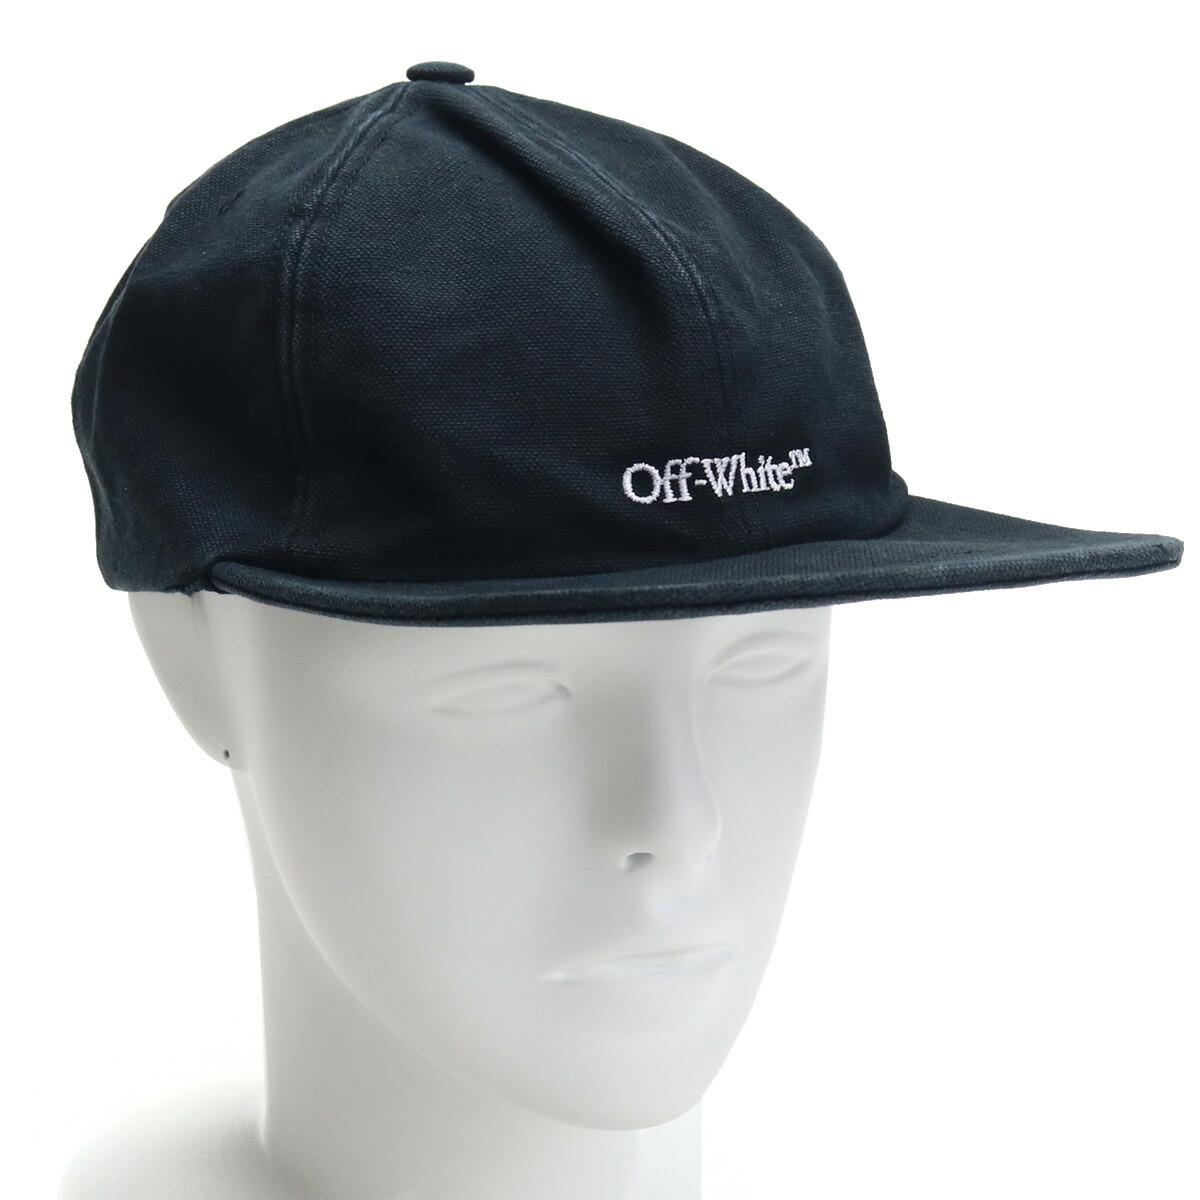 オフホワイト Off-White メンズ-帽子類 OMLB022R2 1FAB006 1001 ブラック cap-01 メンズ